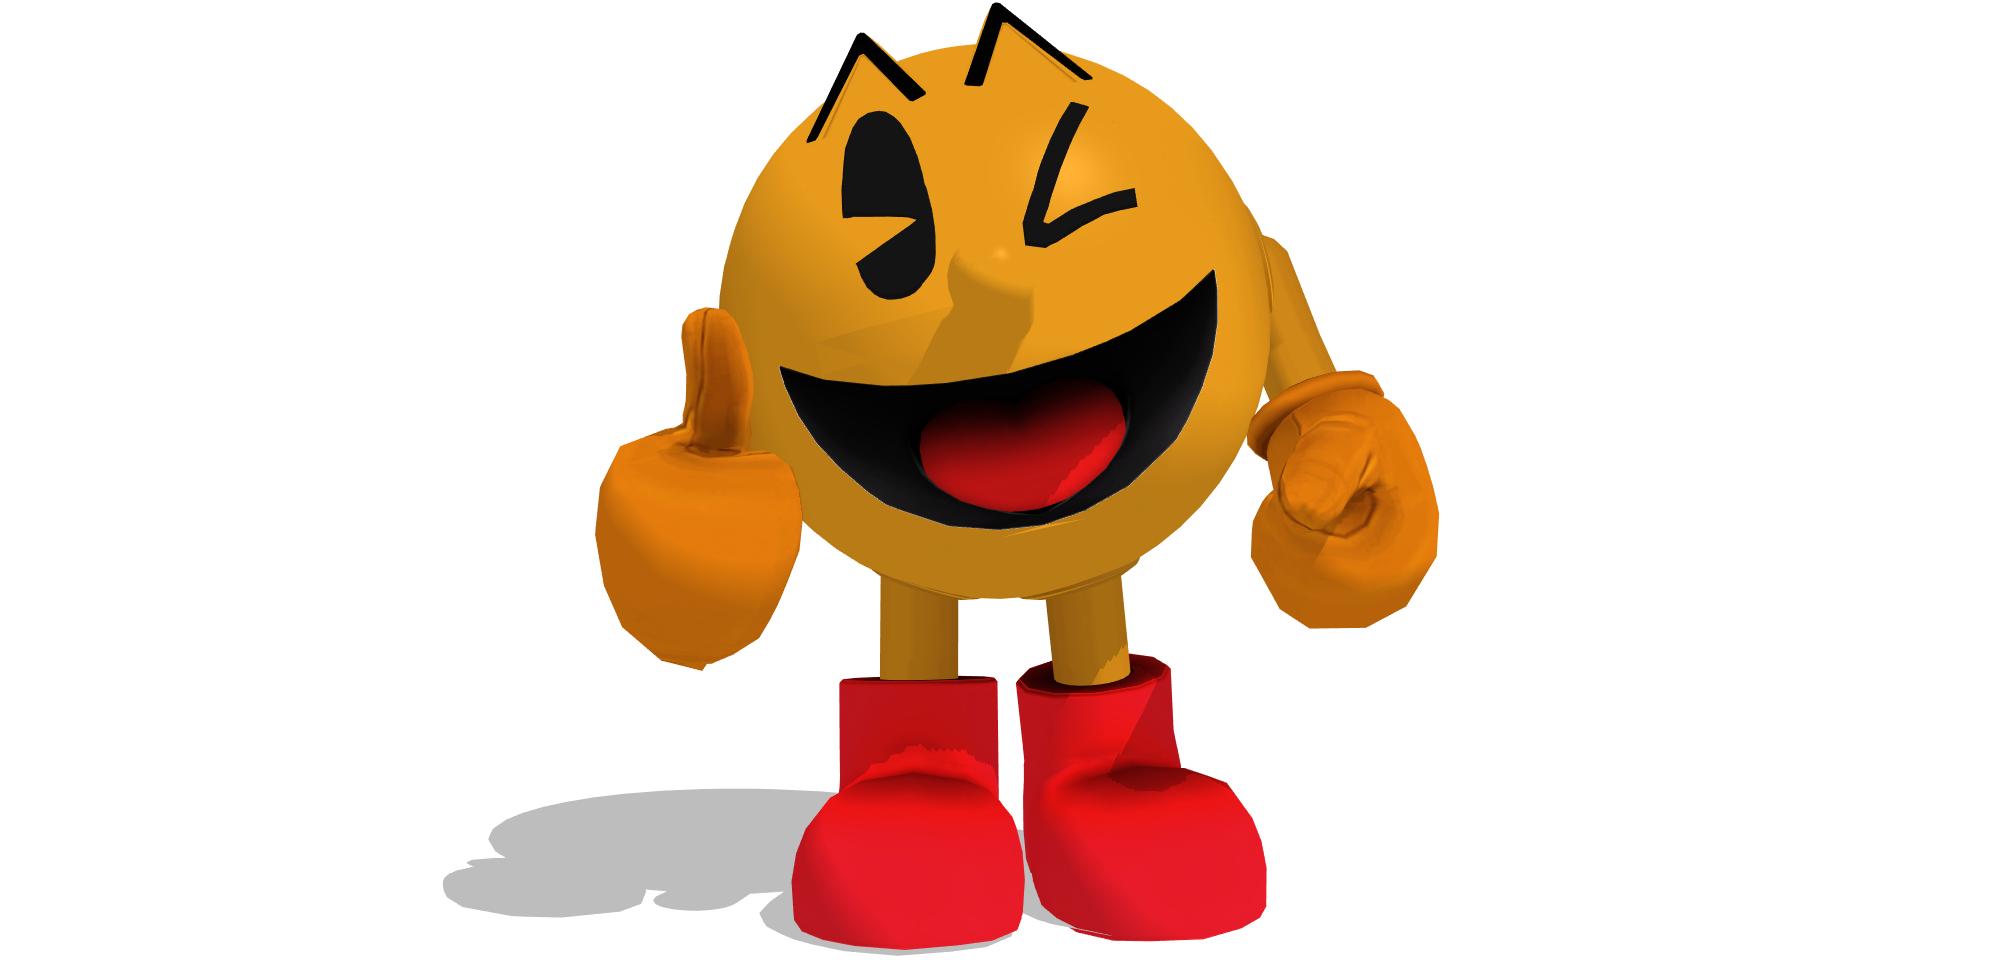 Pacman clipart orange. Mmd wii u pac